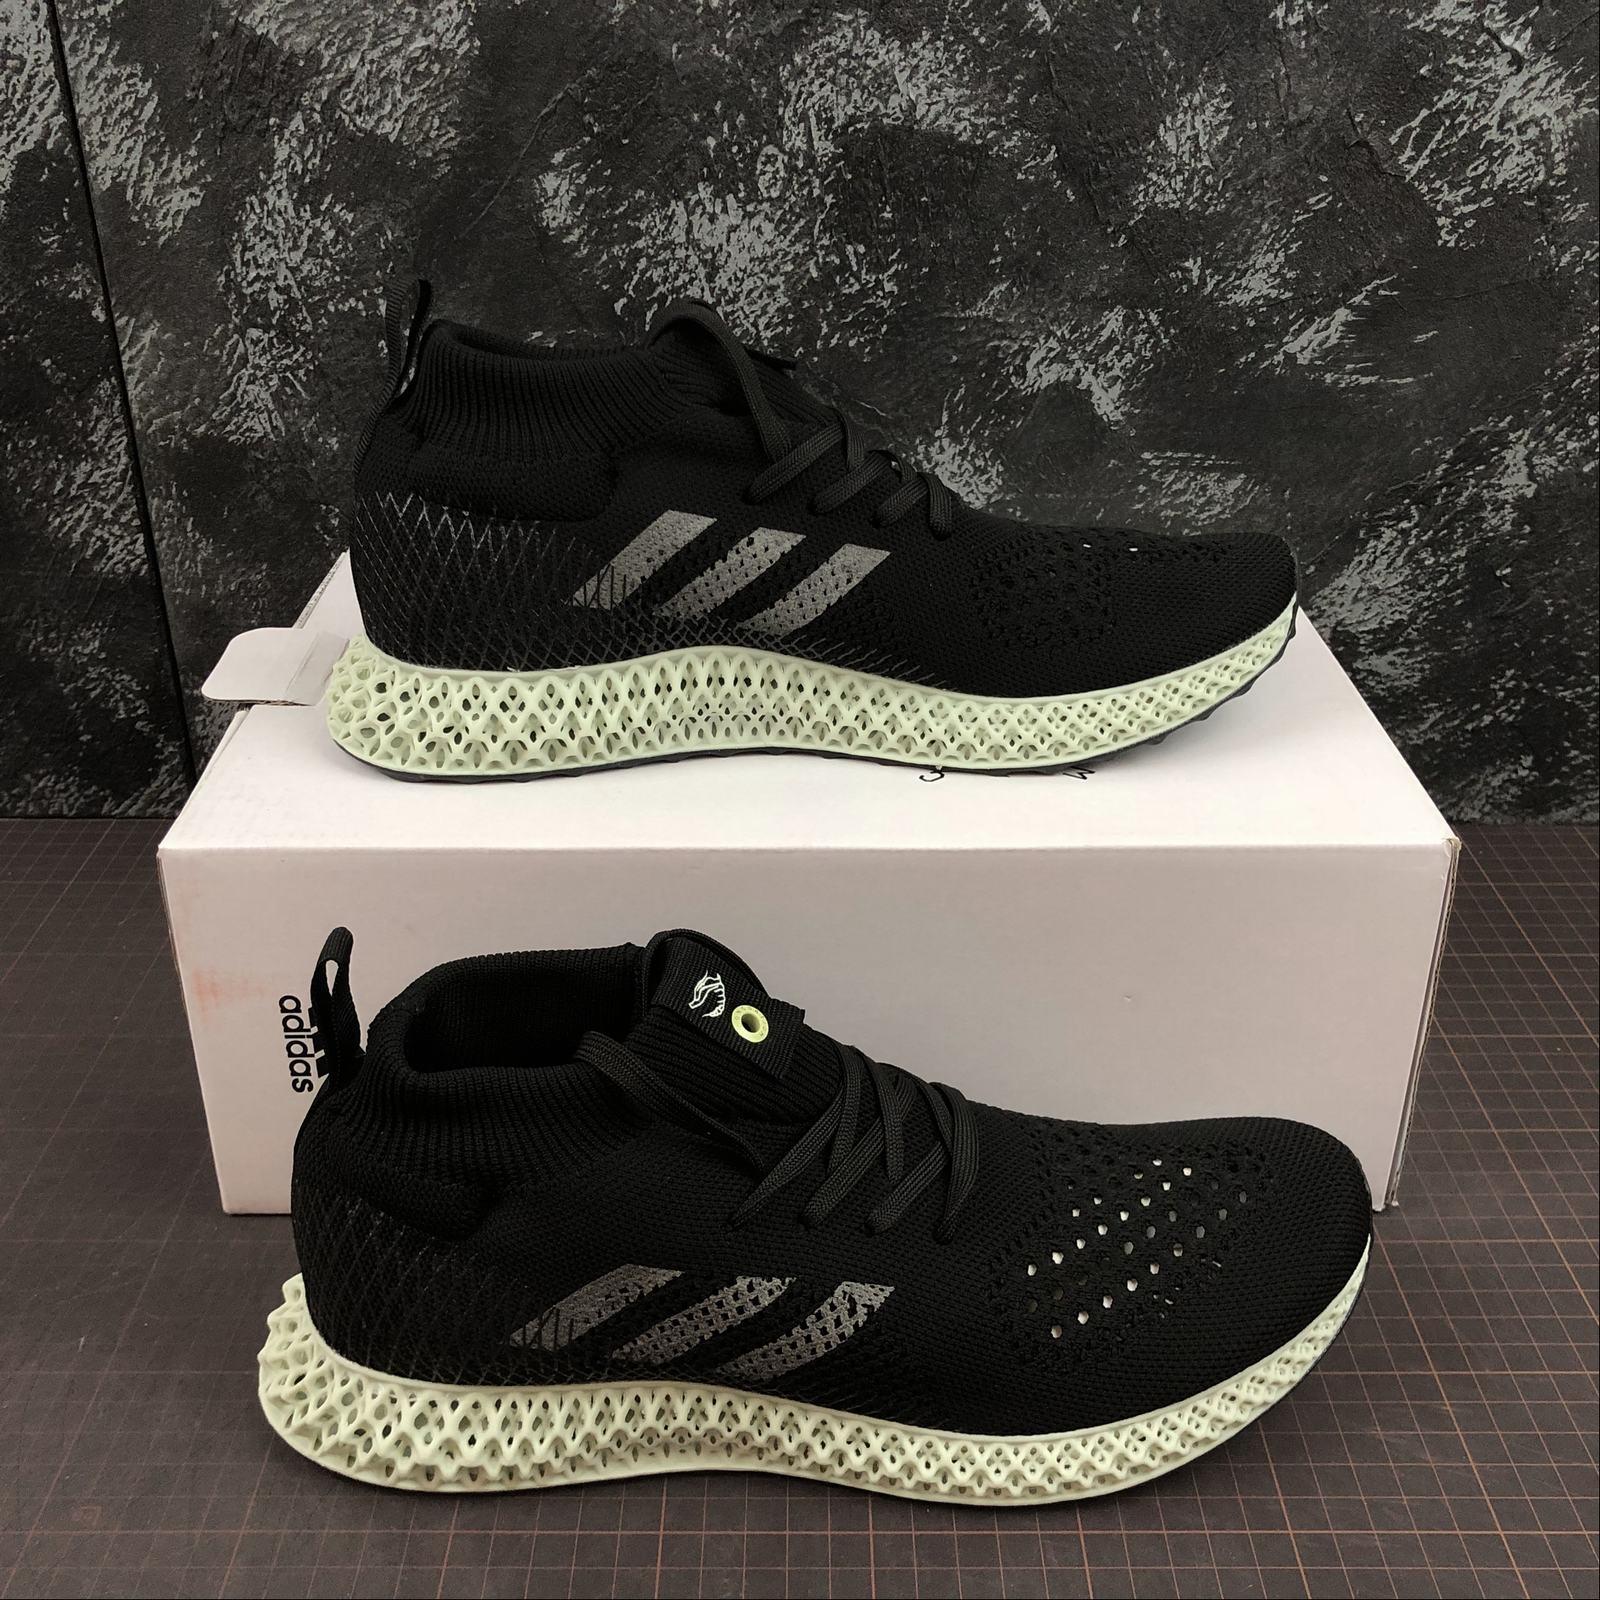 giay-sneaker-adidas-consortium-runner-mid-4d-ee4118